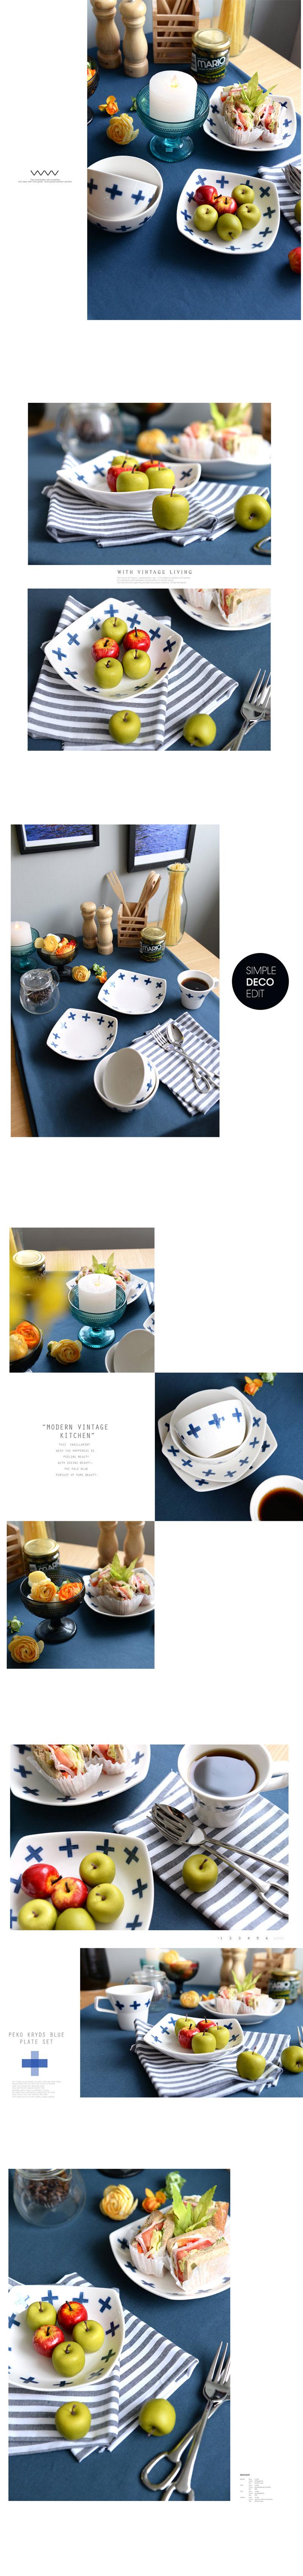 페코 그리드 플레이트 (중 ) - 안나하우스, 12,400원, 접시/찬기, 접시